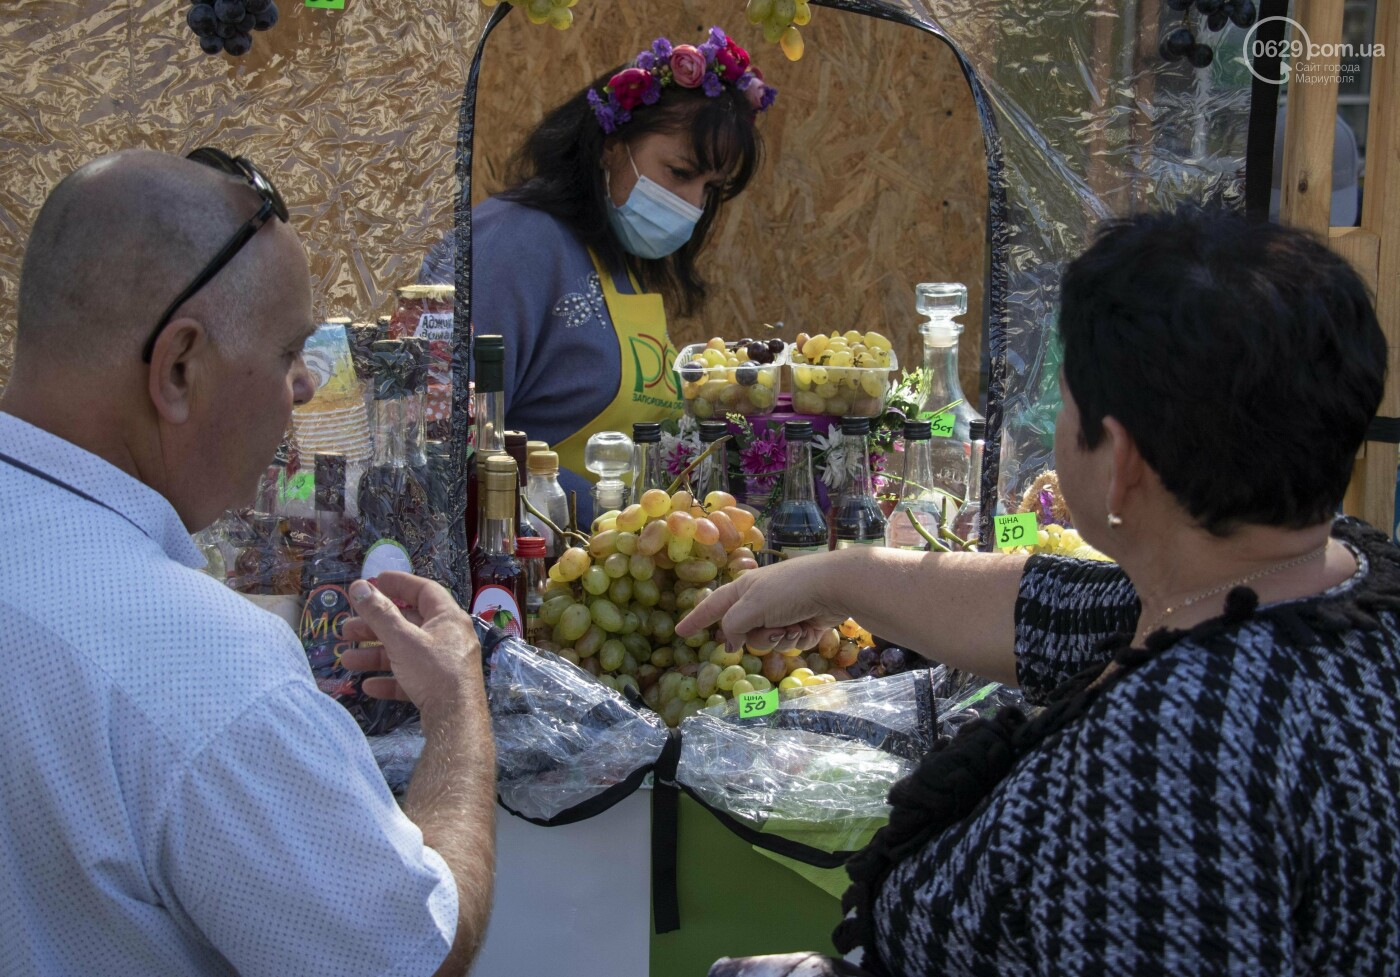 В центре Мариуполя открылся фермерский фестиваль,- ФОТОРЕПОРТАЖ, фото-14